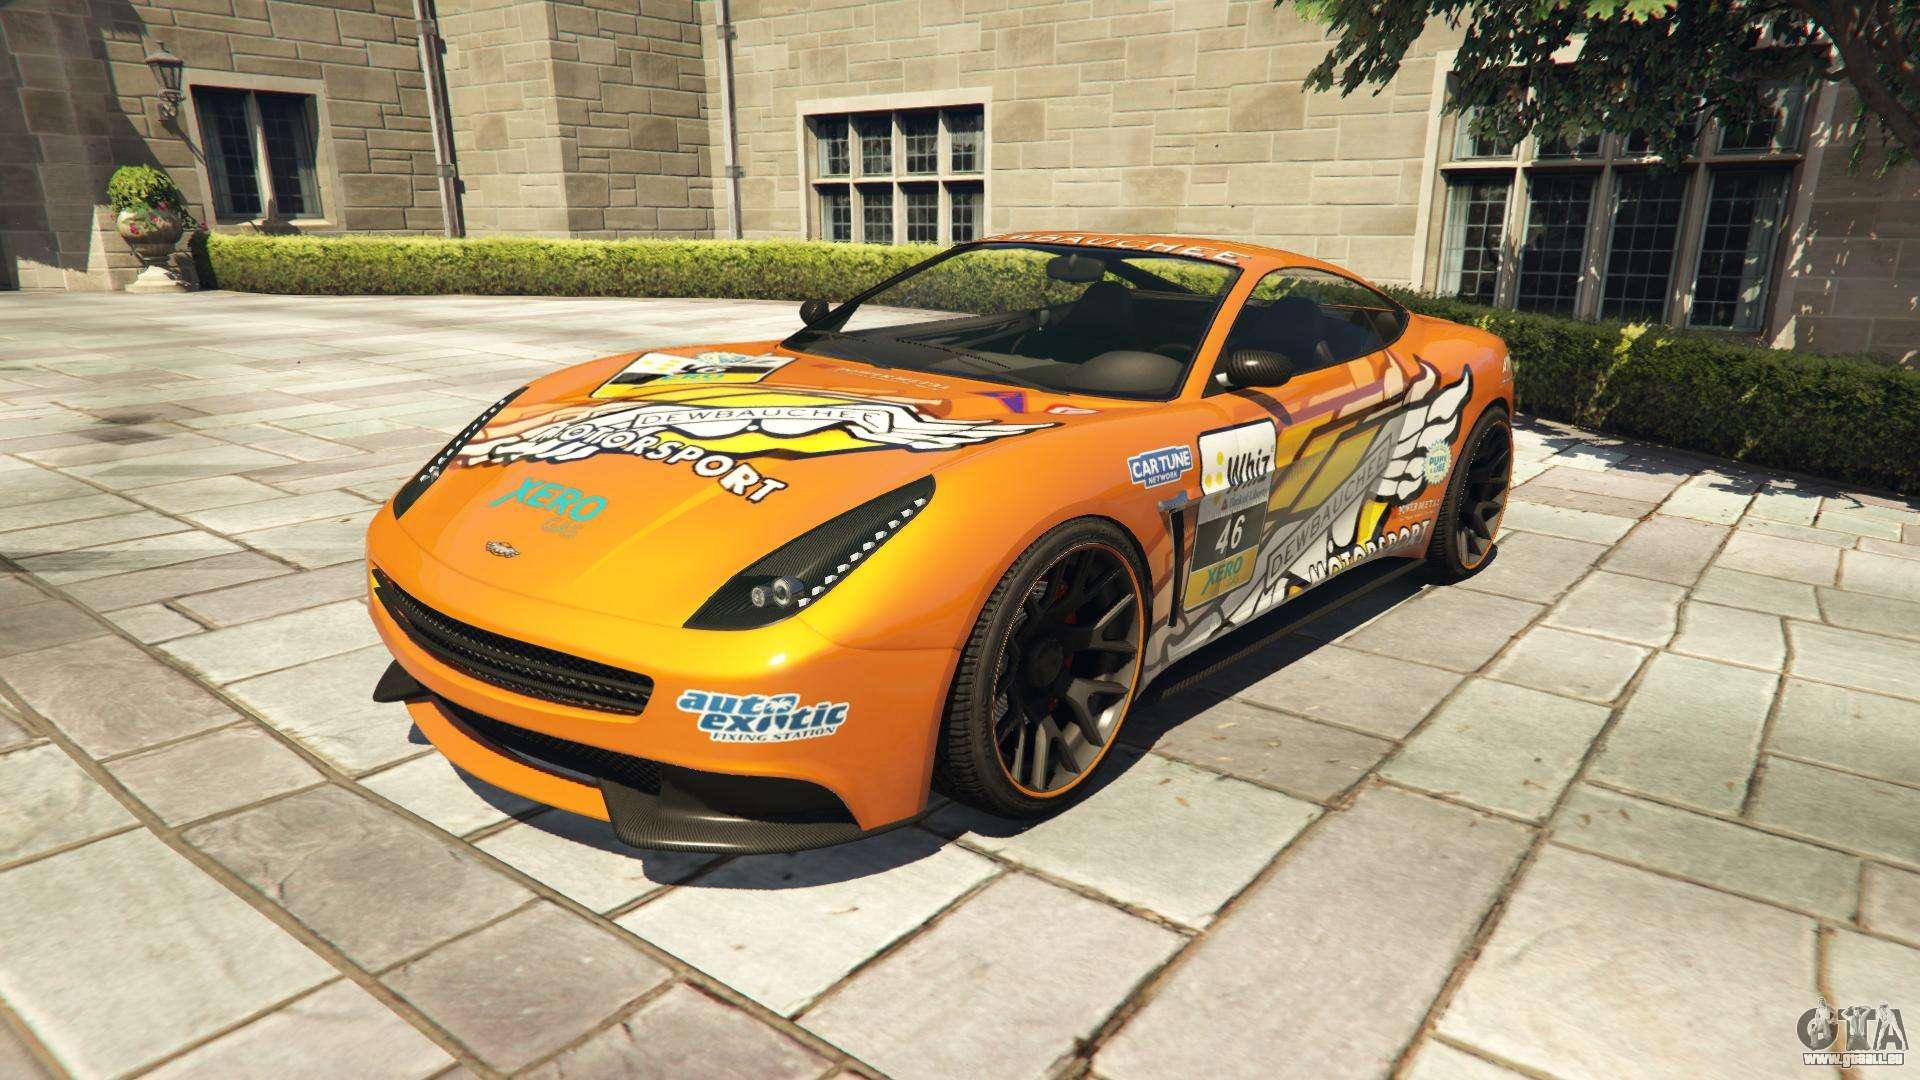 Dewbauchee Massacro Racecar aus GTA 5 - Frontansicht